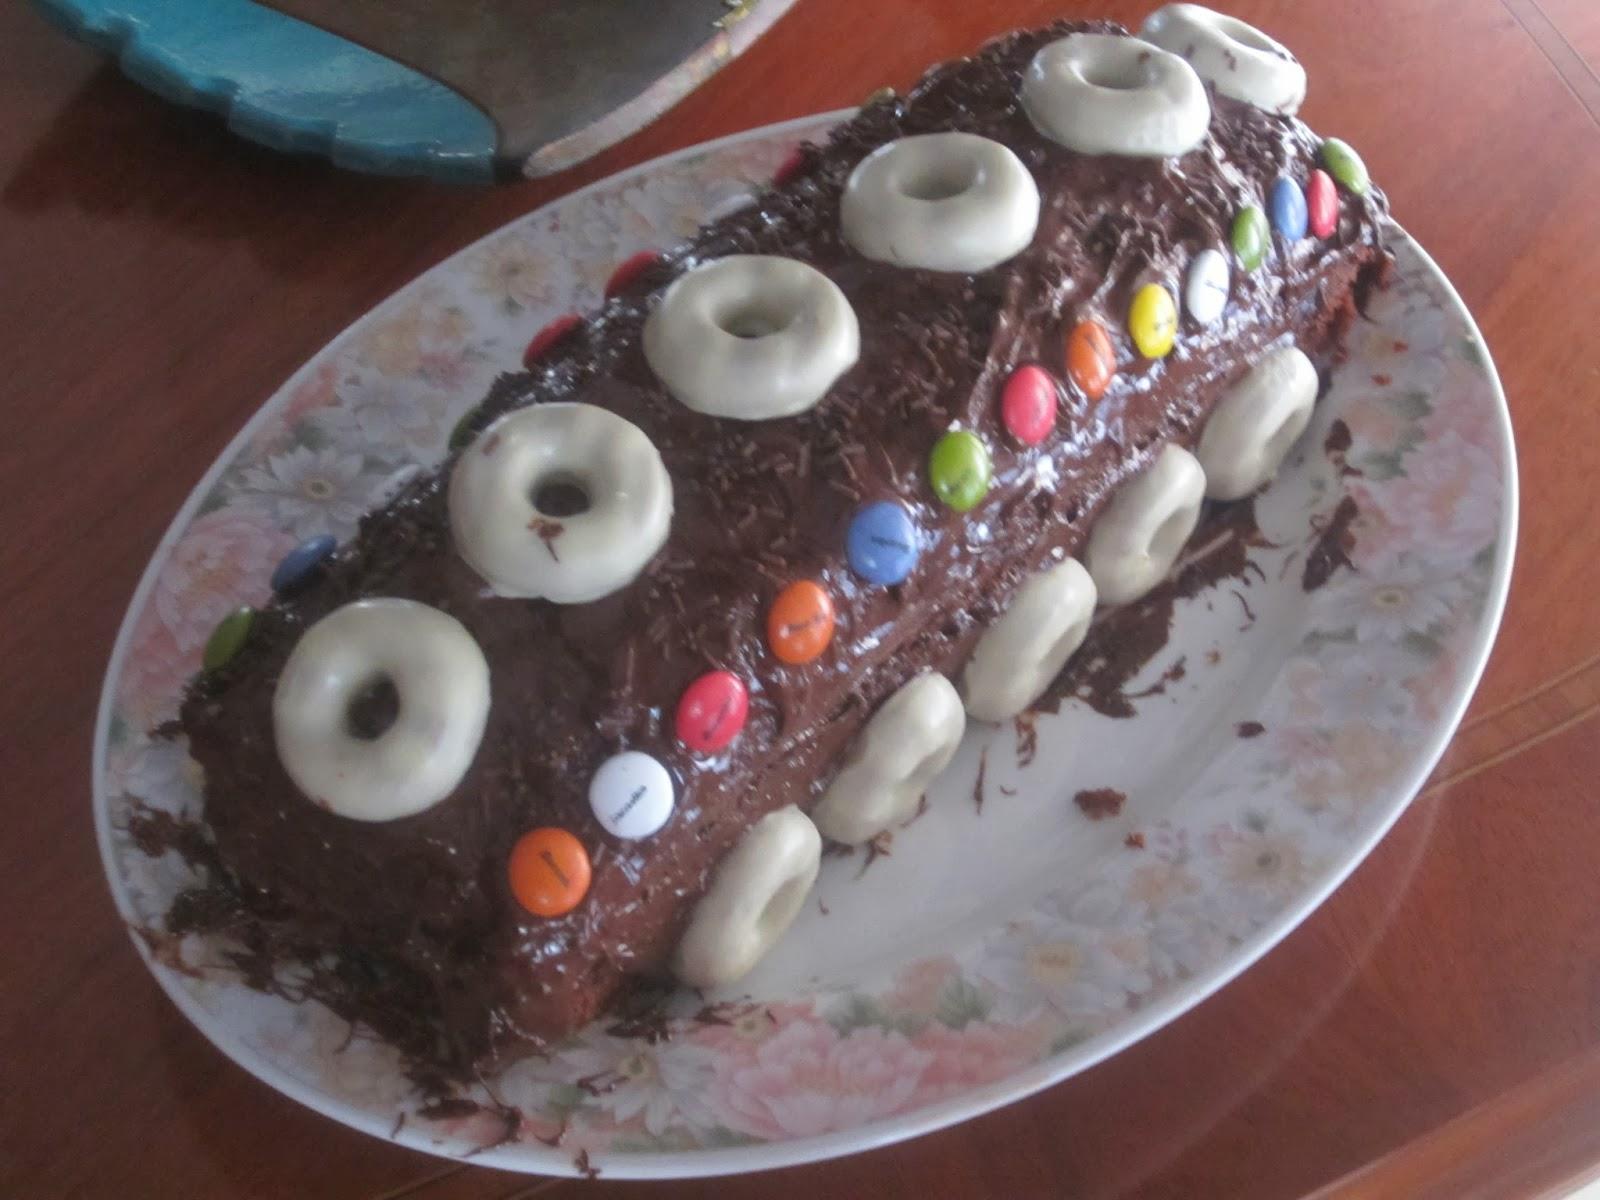 Bizcochos de chocolate para cumplea os de ni os la for Cumpleanos cocina para ninos